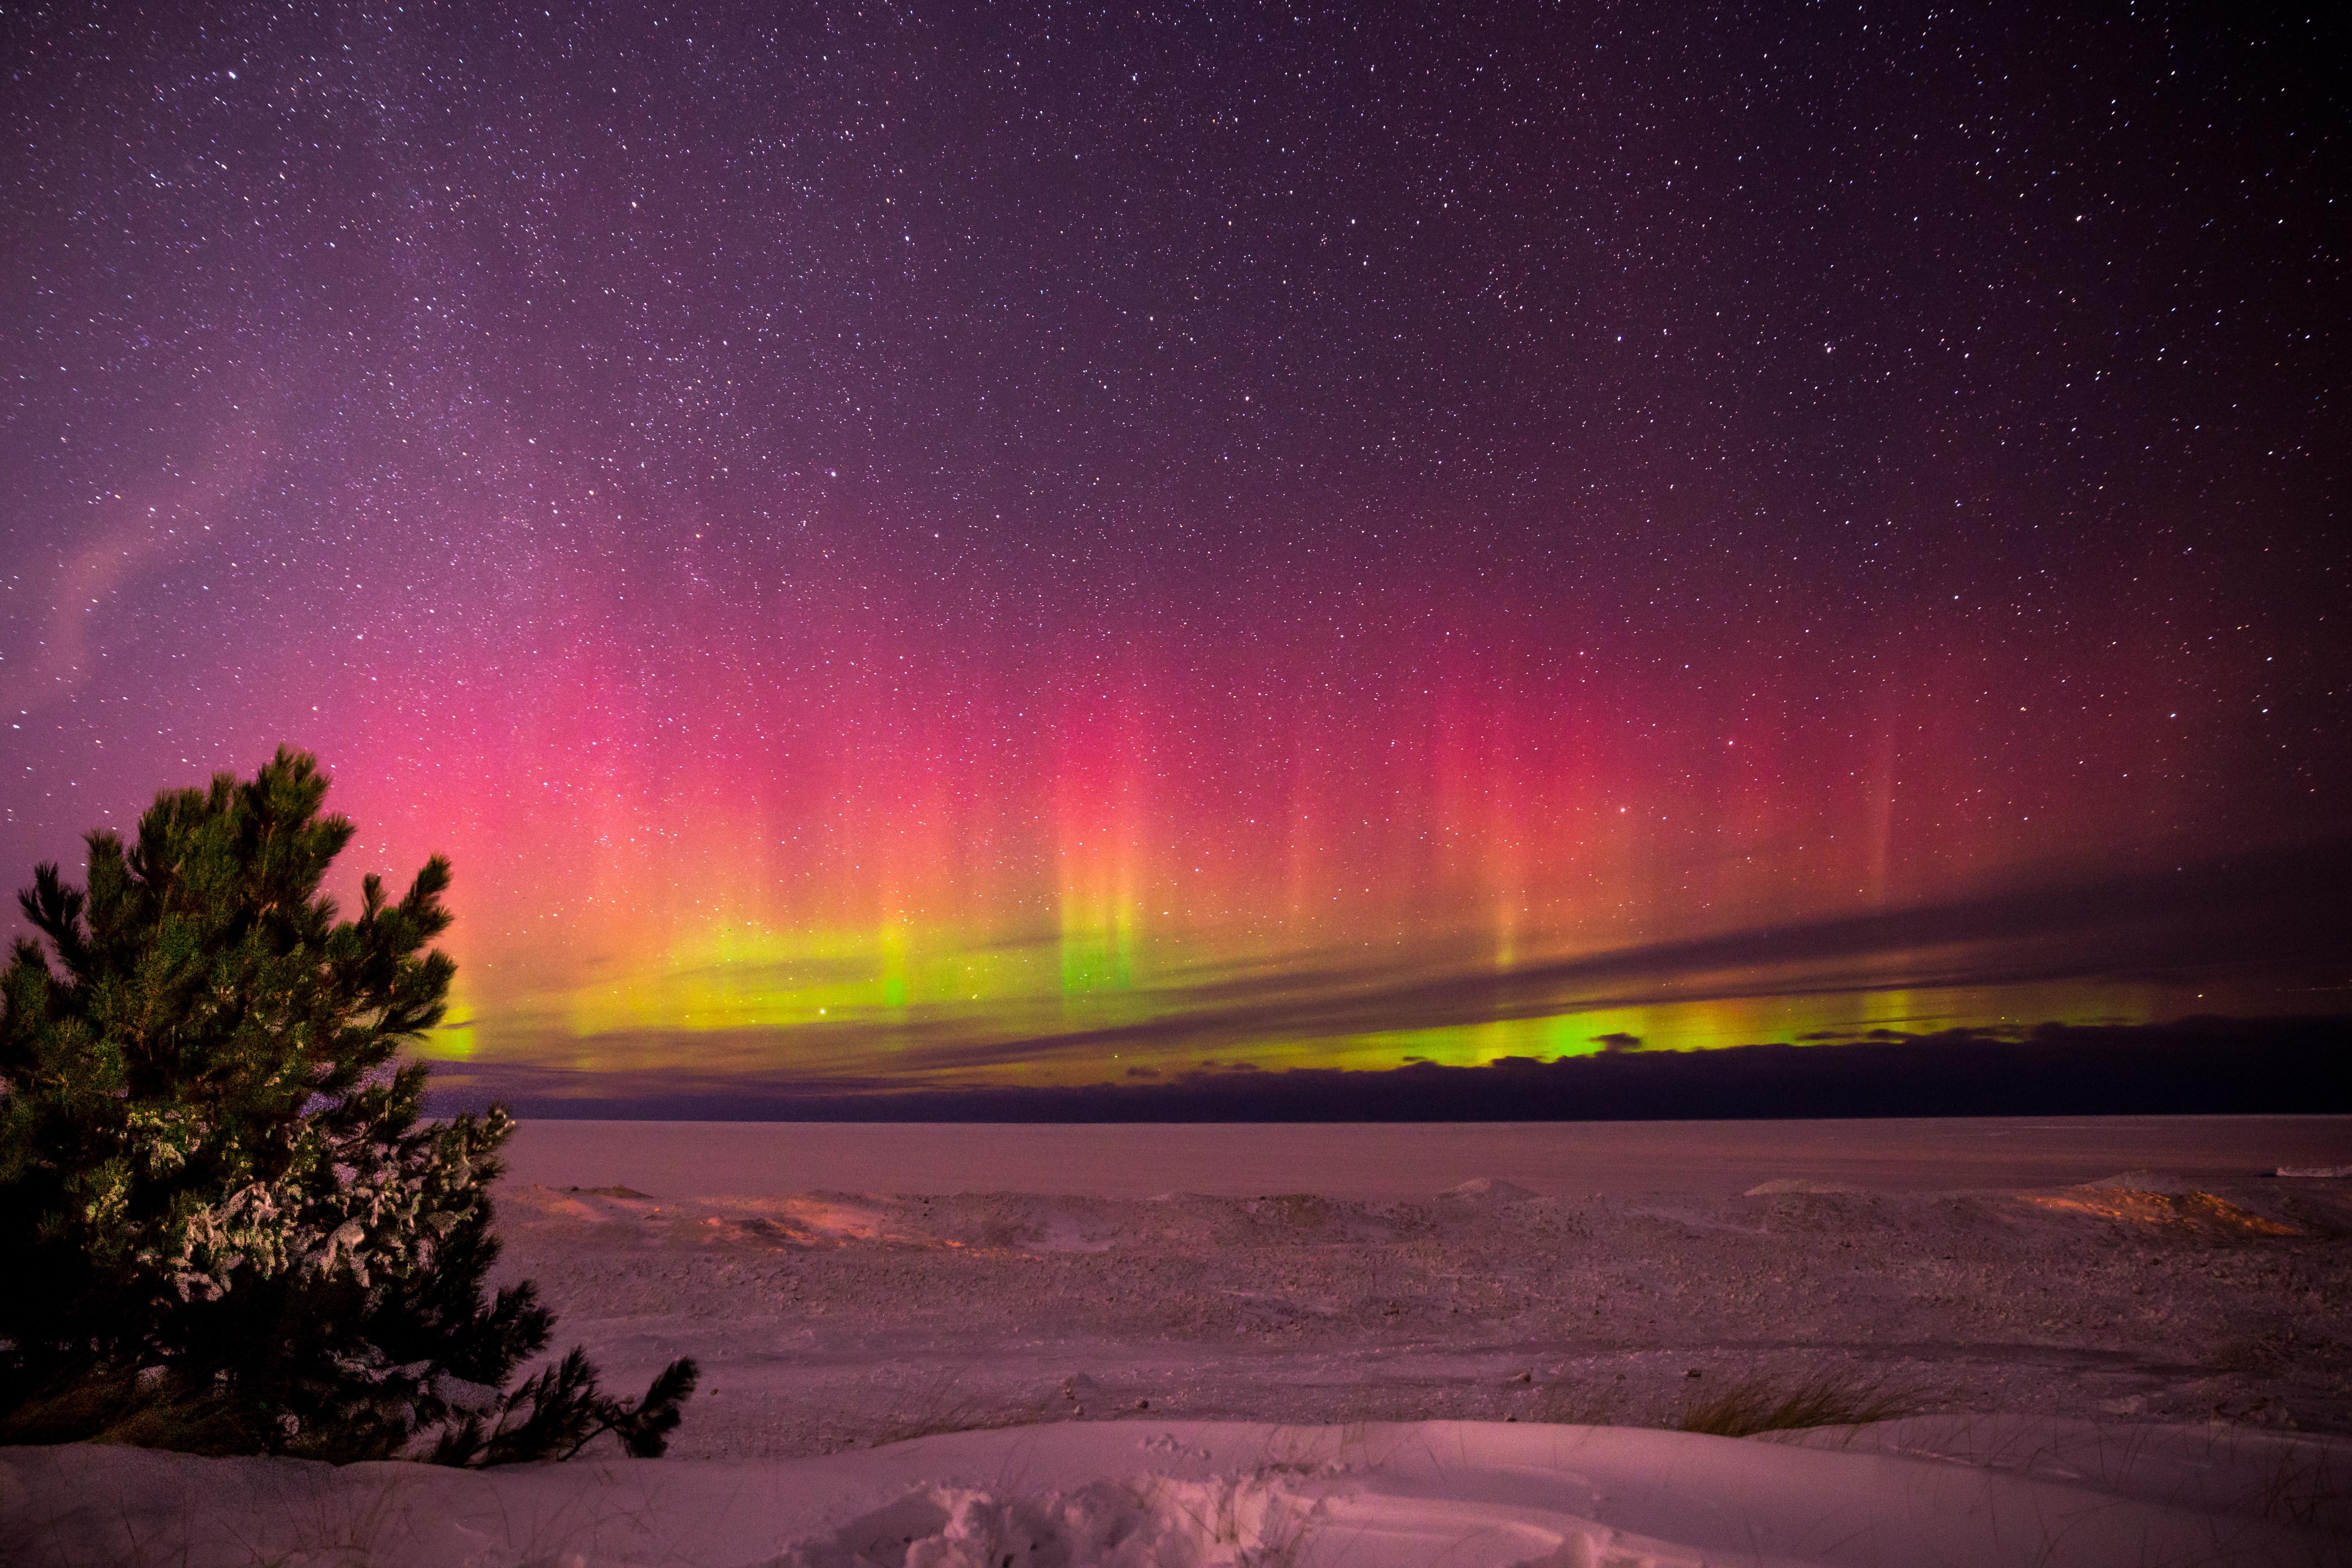 1366x768 Aurora Borealis In Marquette Michigan 1366x768 ...